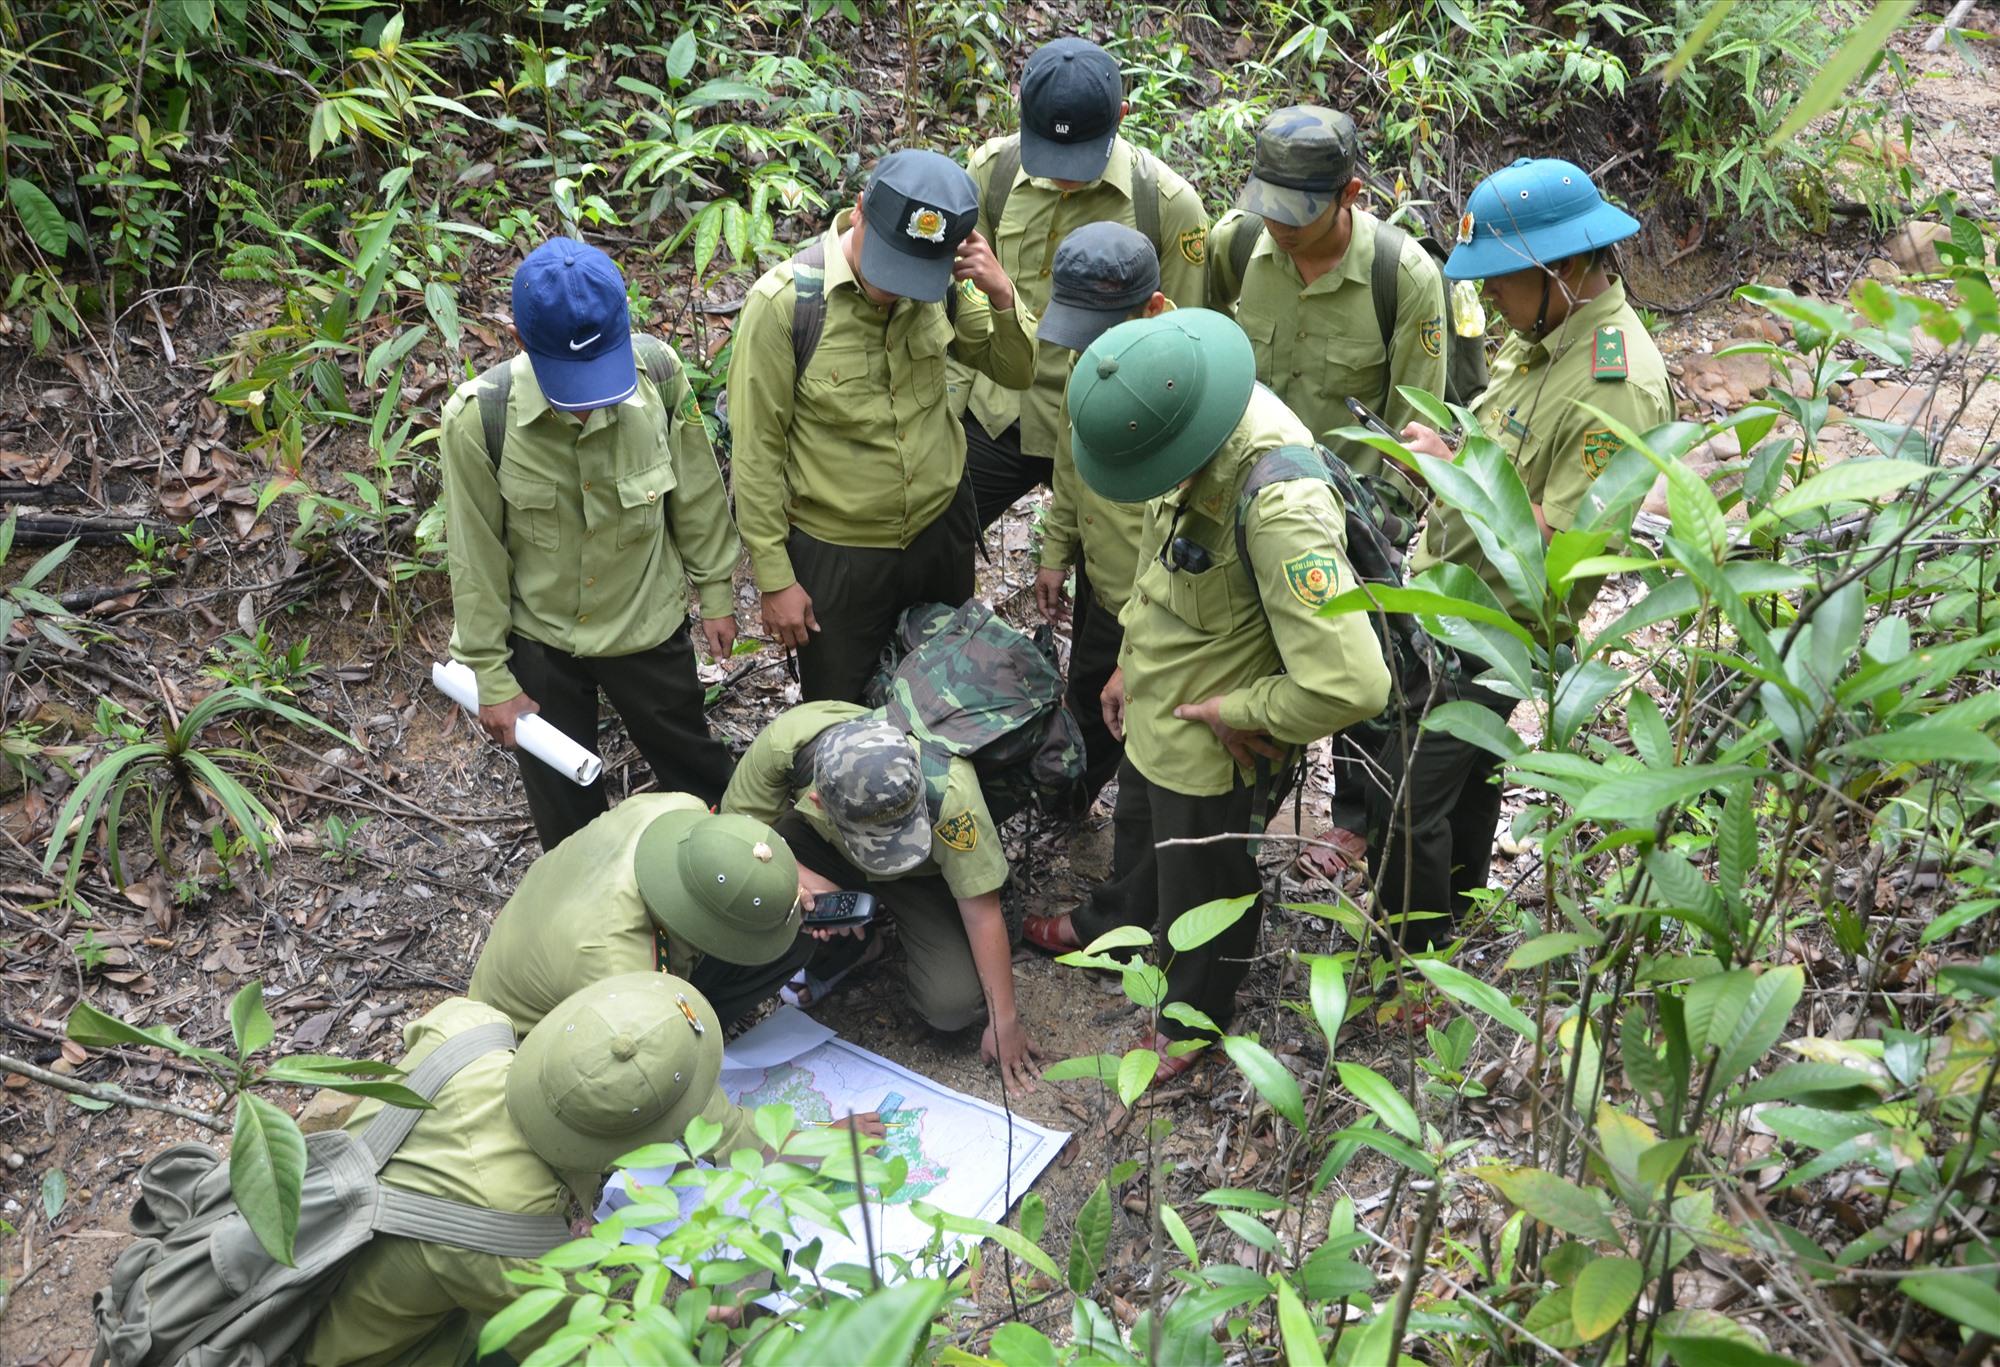 Một chuyến tuần tra rừng trong Khu bảo tồn loại và sinh cảnh voi Quảng Nam, tại xã Quế Lâm (Nông Sơn). Đây là vùng nằm trong kế hoạch hành động REDD+. Ảnh: H.P